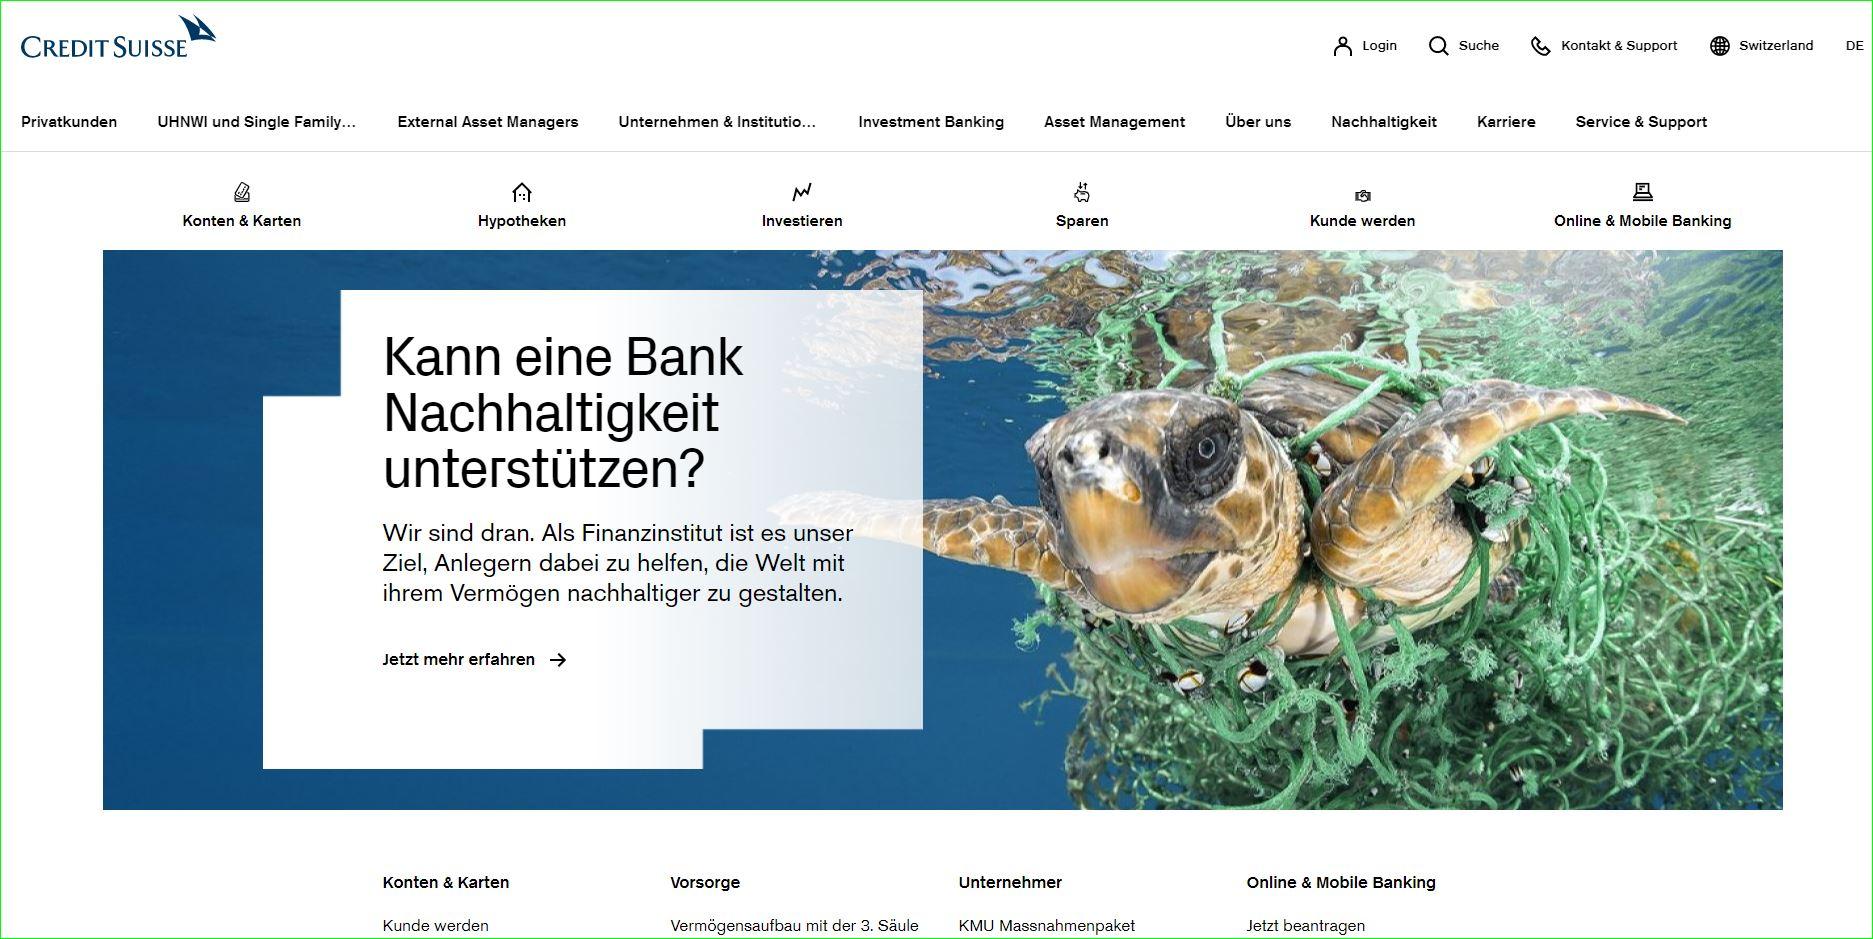 startseite_credit_suisse.jpg